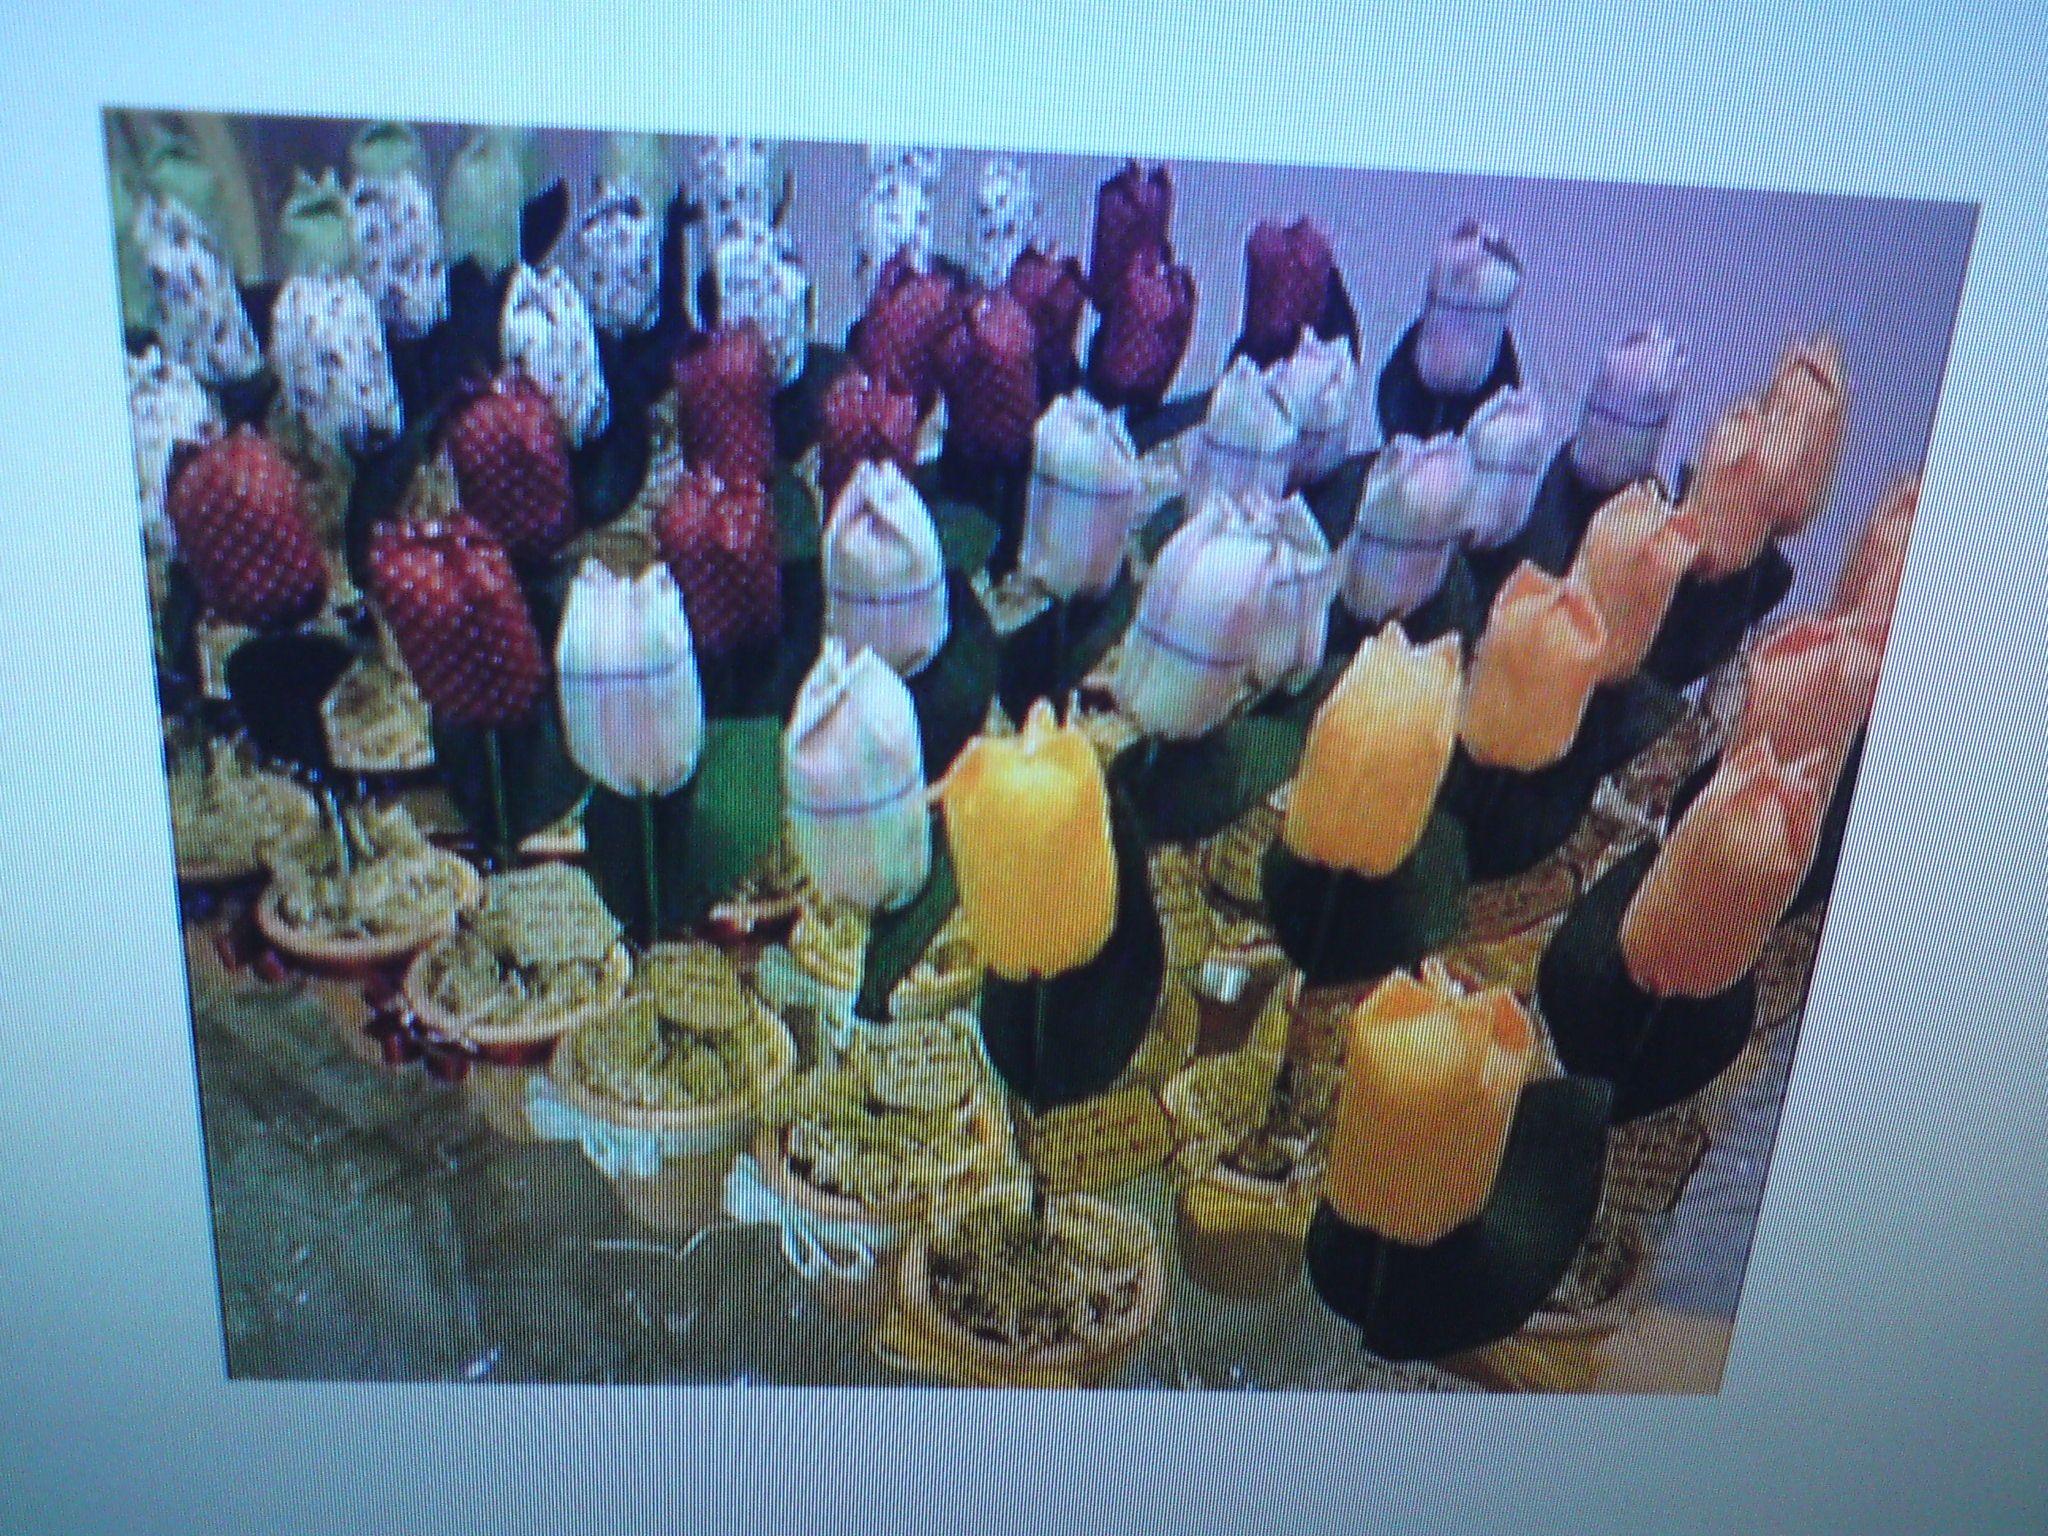 Lembrancinhas de aniversário vasinhos de tulipas em tecido.